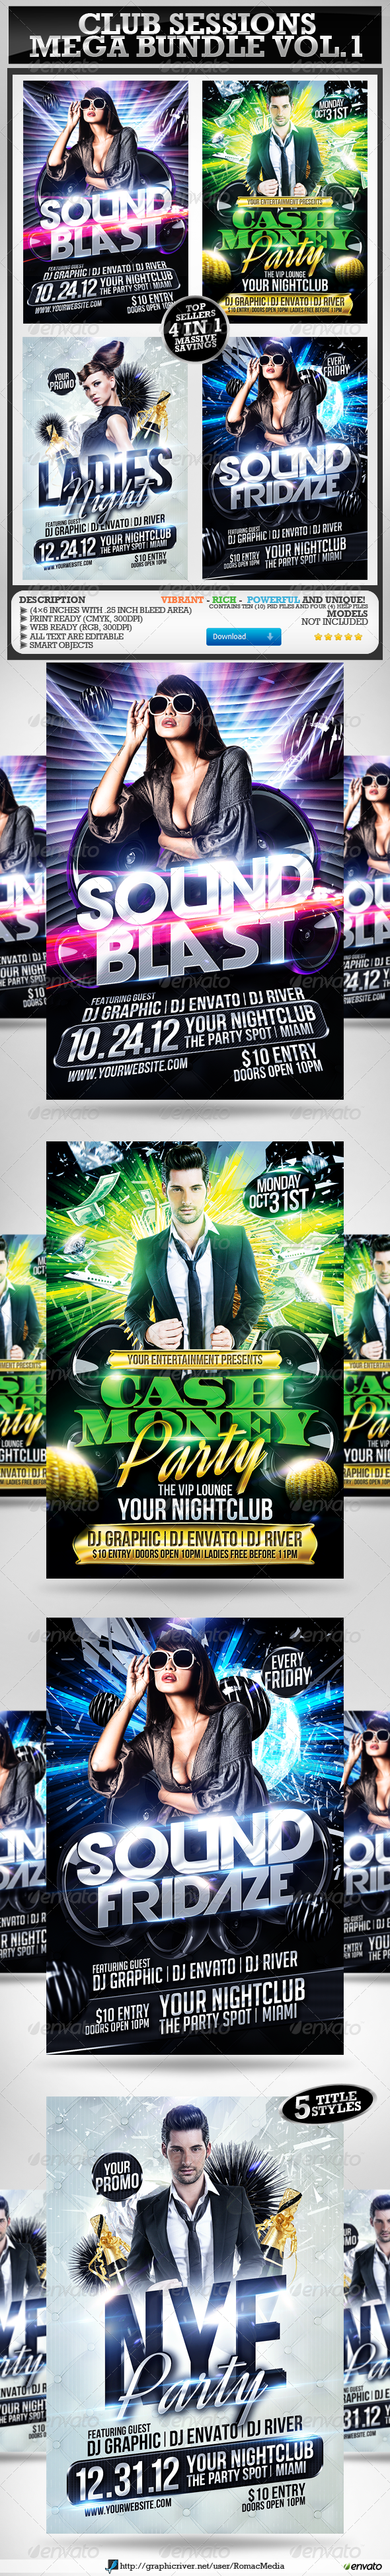 Club Sessions l Mega Bundle Vol.1 - Clubs & Parties Events